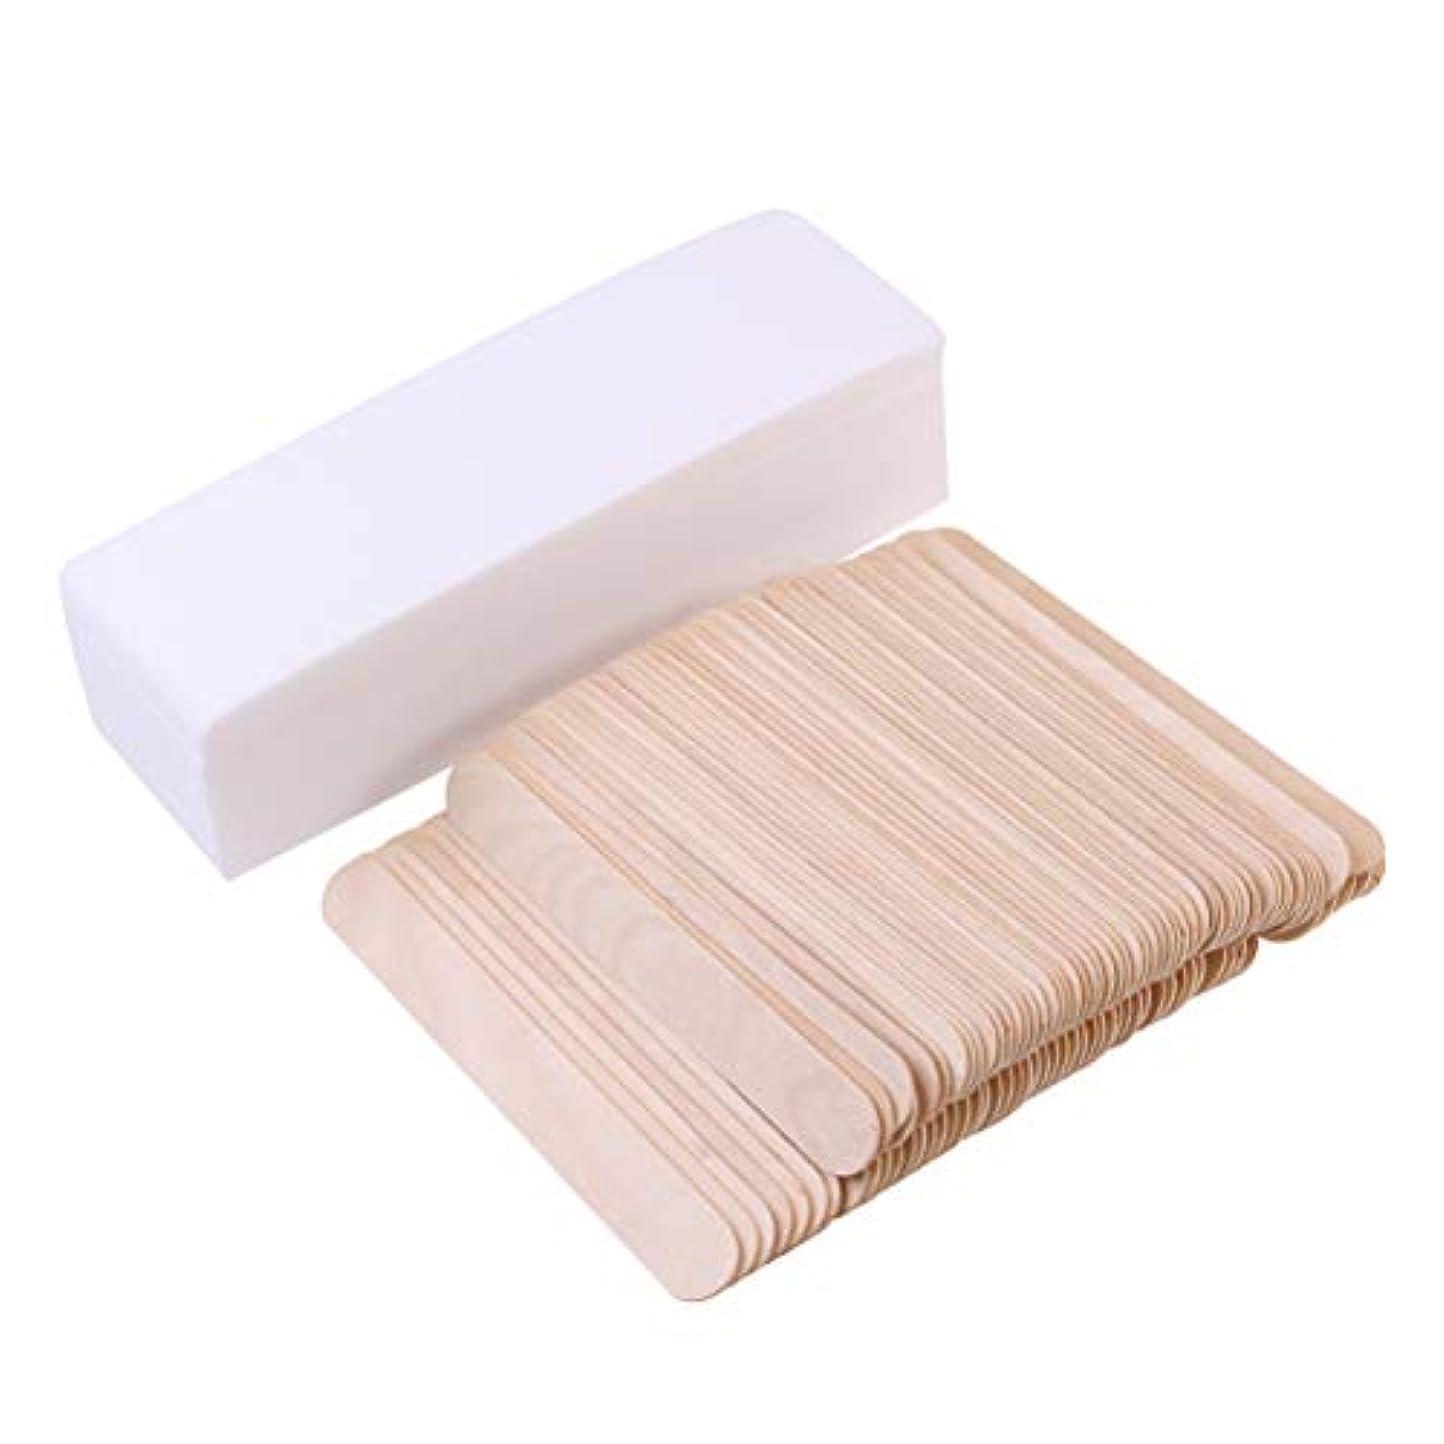 ペンアメリカヒゲHealifty ヘアーリー使い捨て脱毛ワックス不織布フェイシャルボディストリップ紙脱毛舌圧子脱毛器でワックススティック100ピース